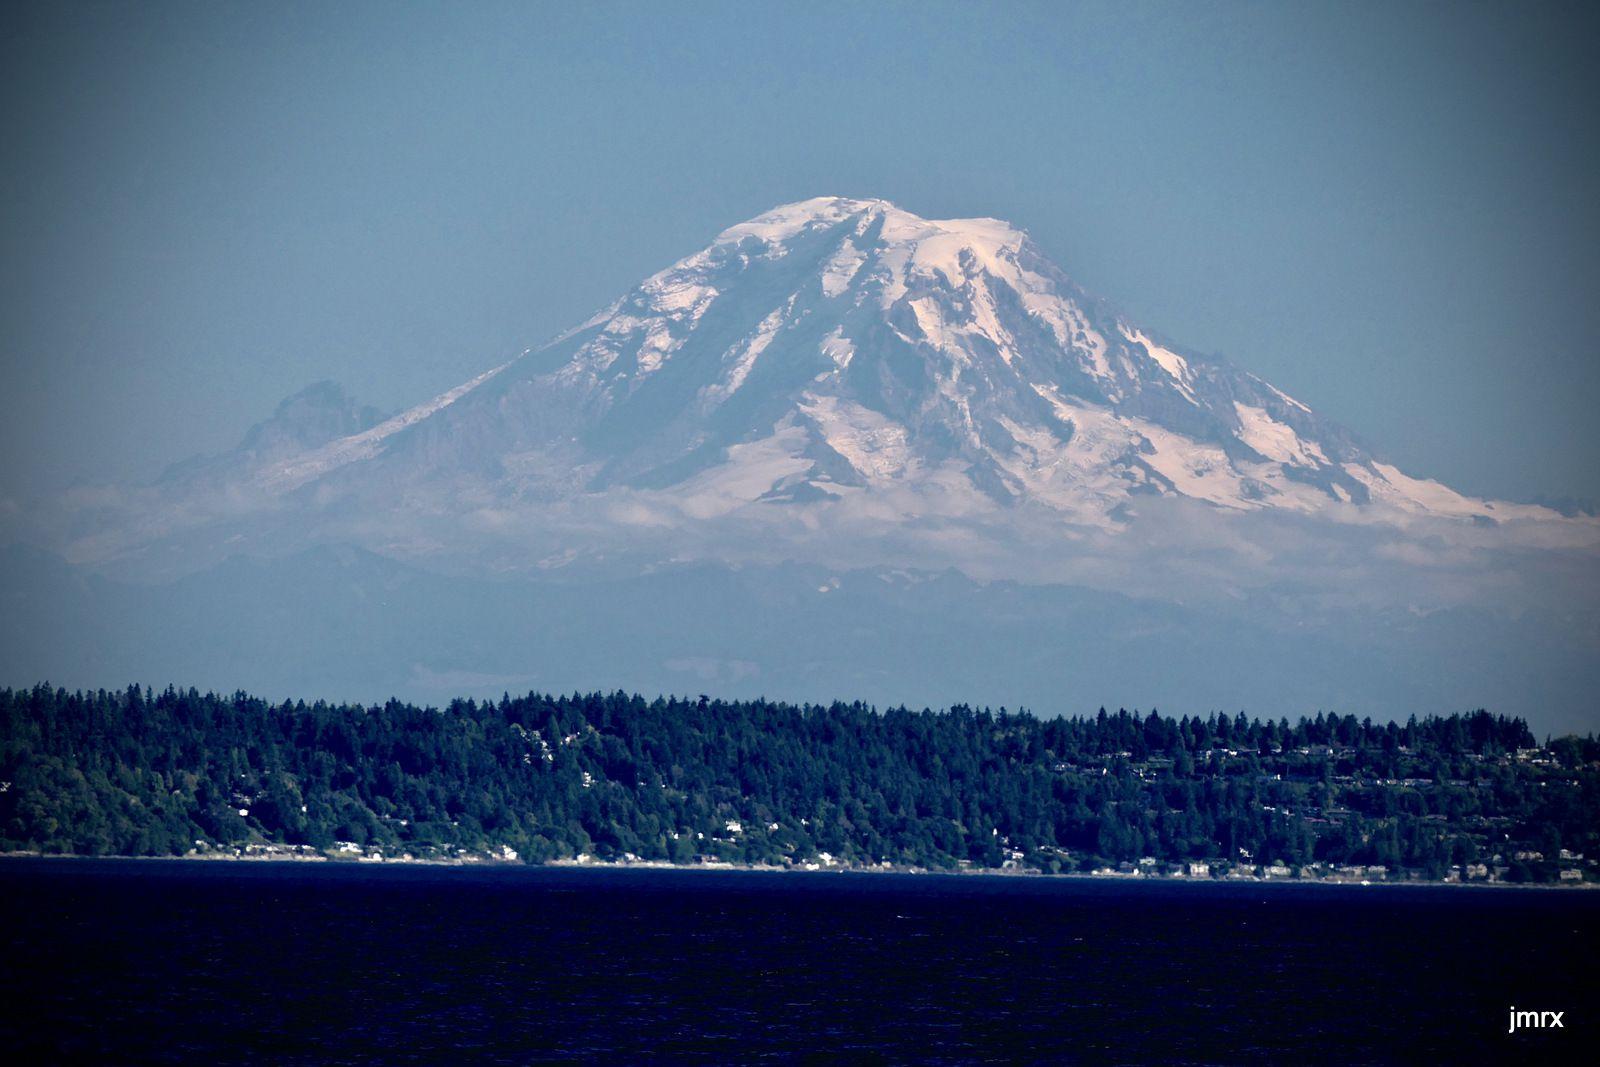 Le Mont Rainier (4400m) semble flotter dans l'air du soir. Un peu plus loin on distingue le port industriel de Tacoma.